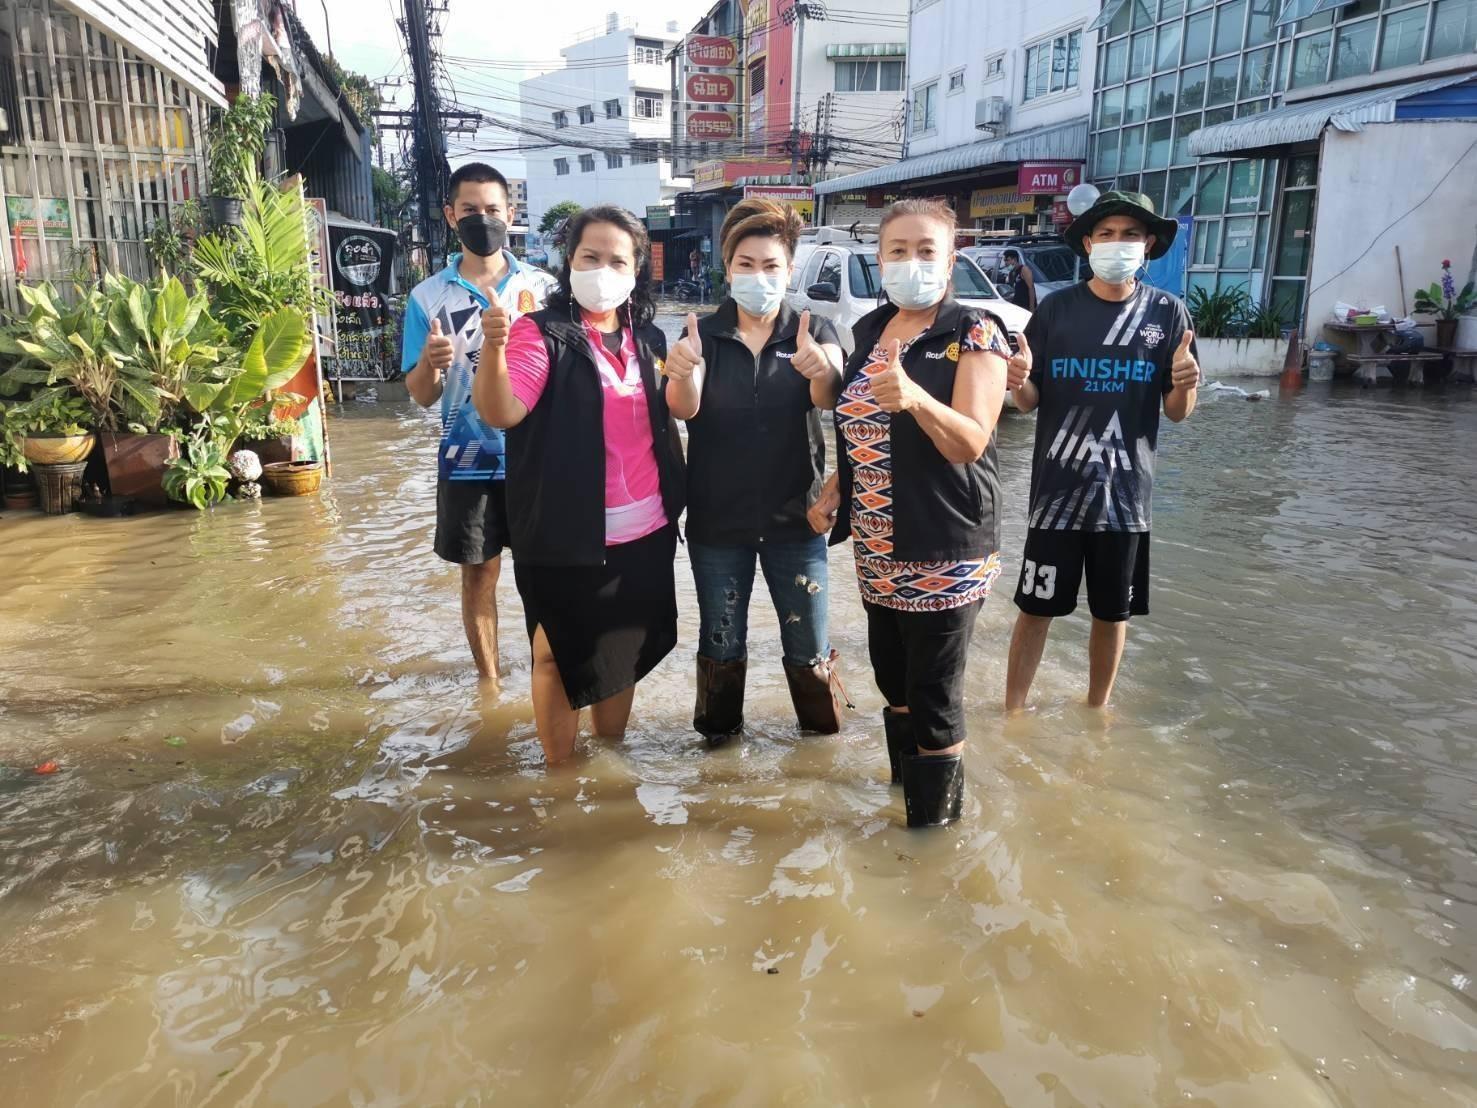 สโมสรโรตารีท่านท้าวสุรนารีลงพื้นที่แบ่งเบาบรรเทาทุกข์ ประชาชนผู้ประสบภัยน้ำท่วม